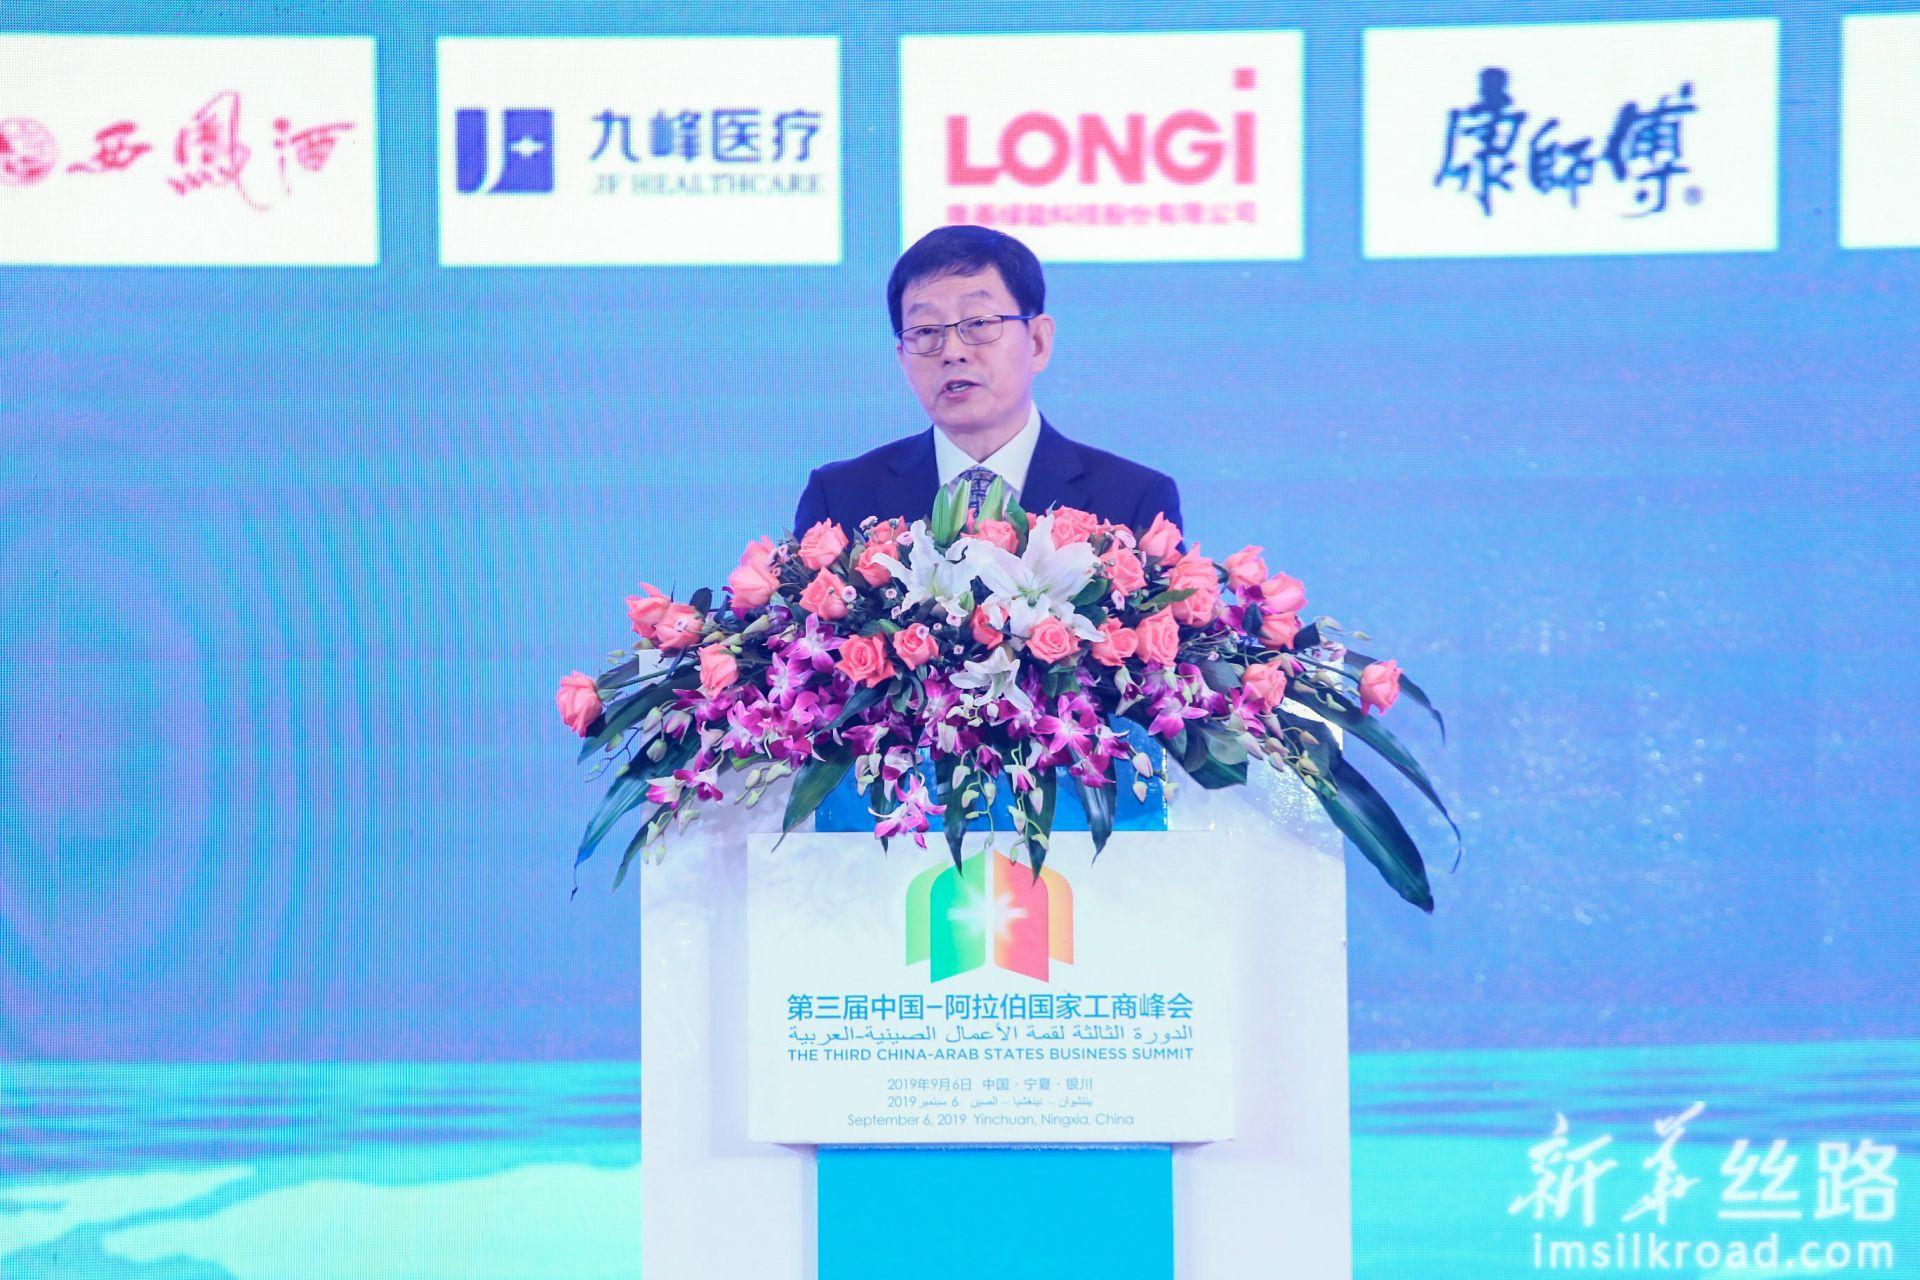 宁夏回族自治区商务厅副厅长陈志伟致辞。